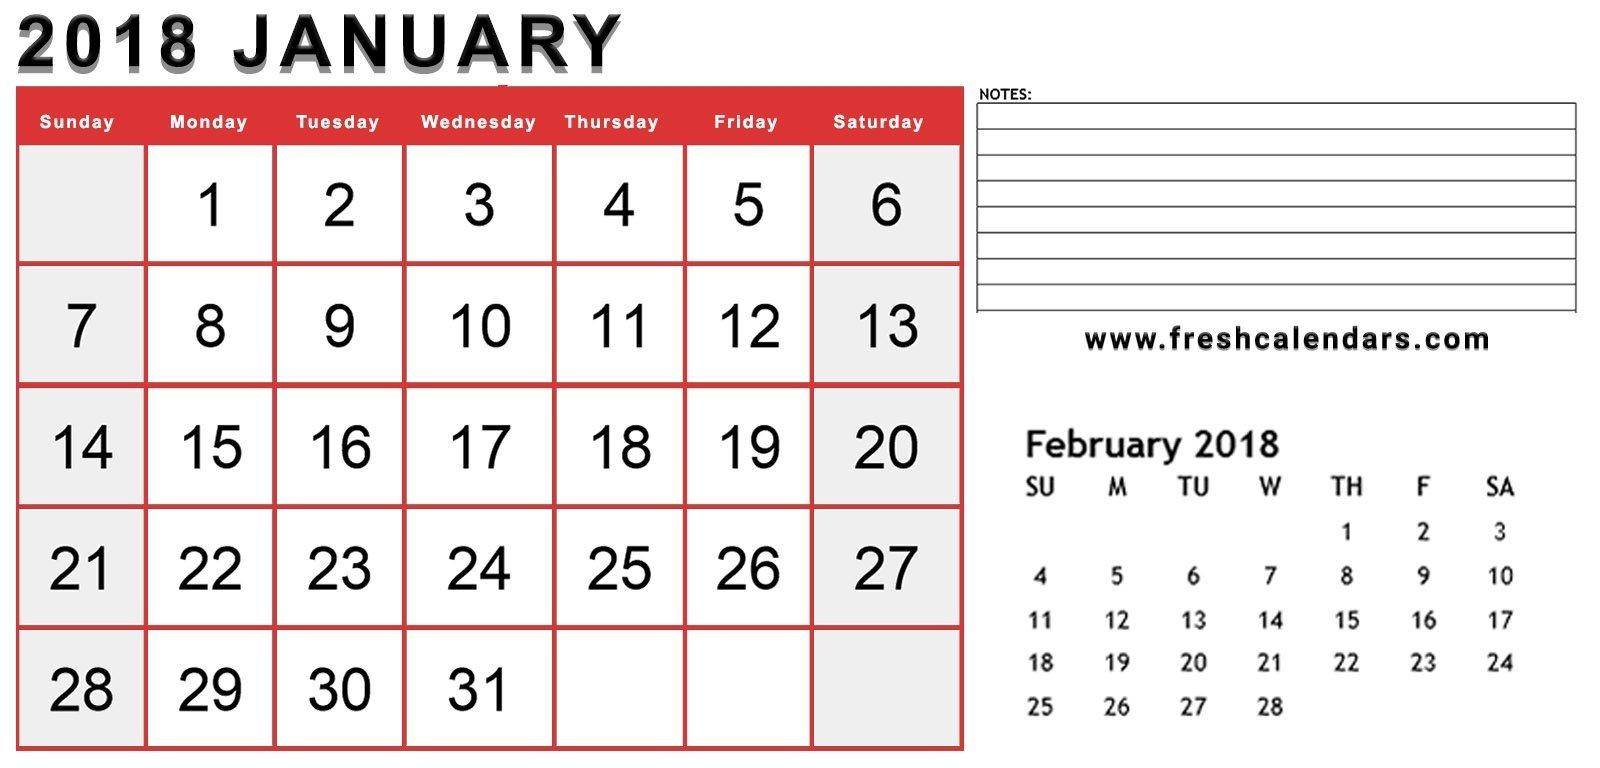 July 2018 – Page 3 – Template Calendar Design Free Weekly Numbered 52 Week Calendar Printable